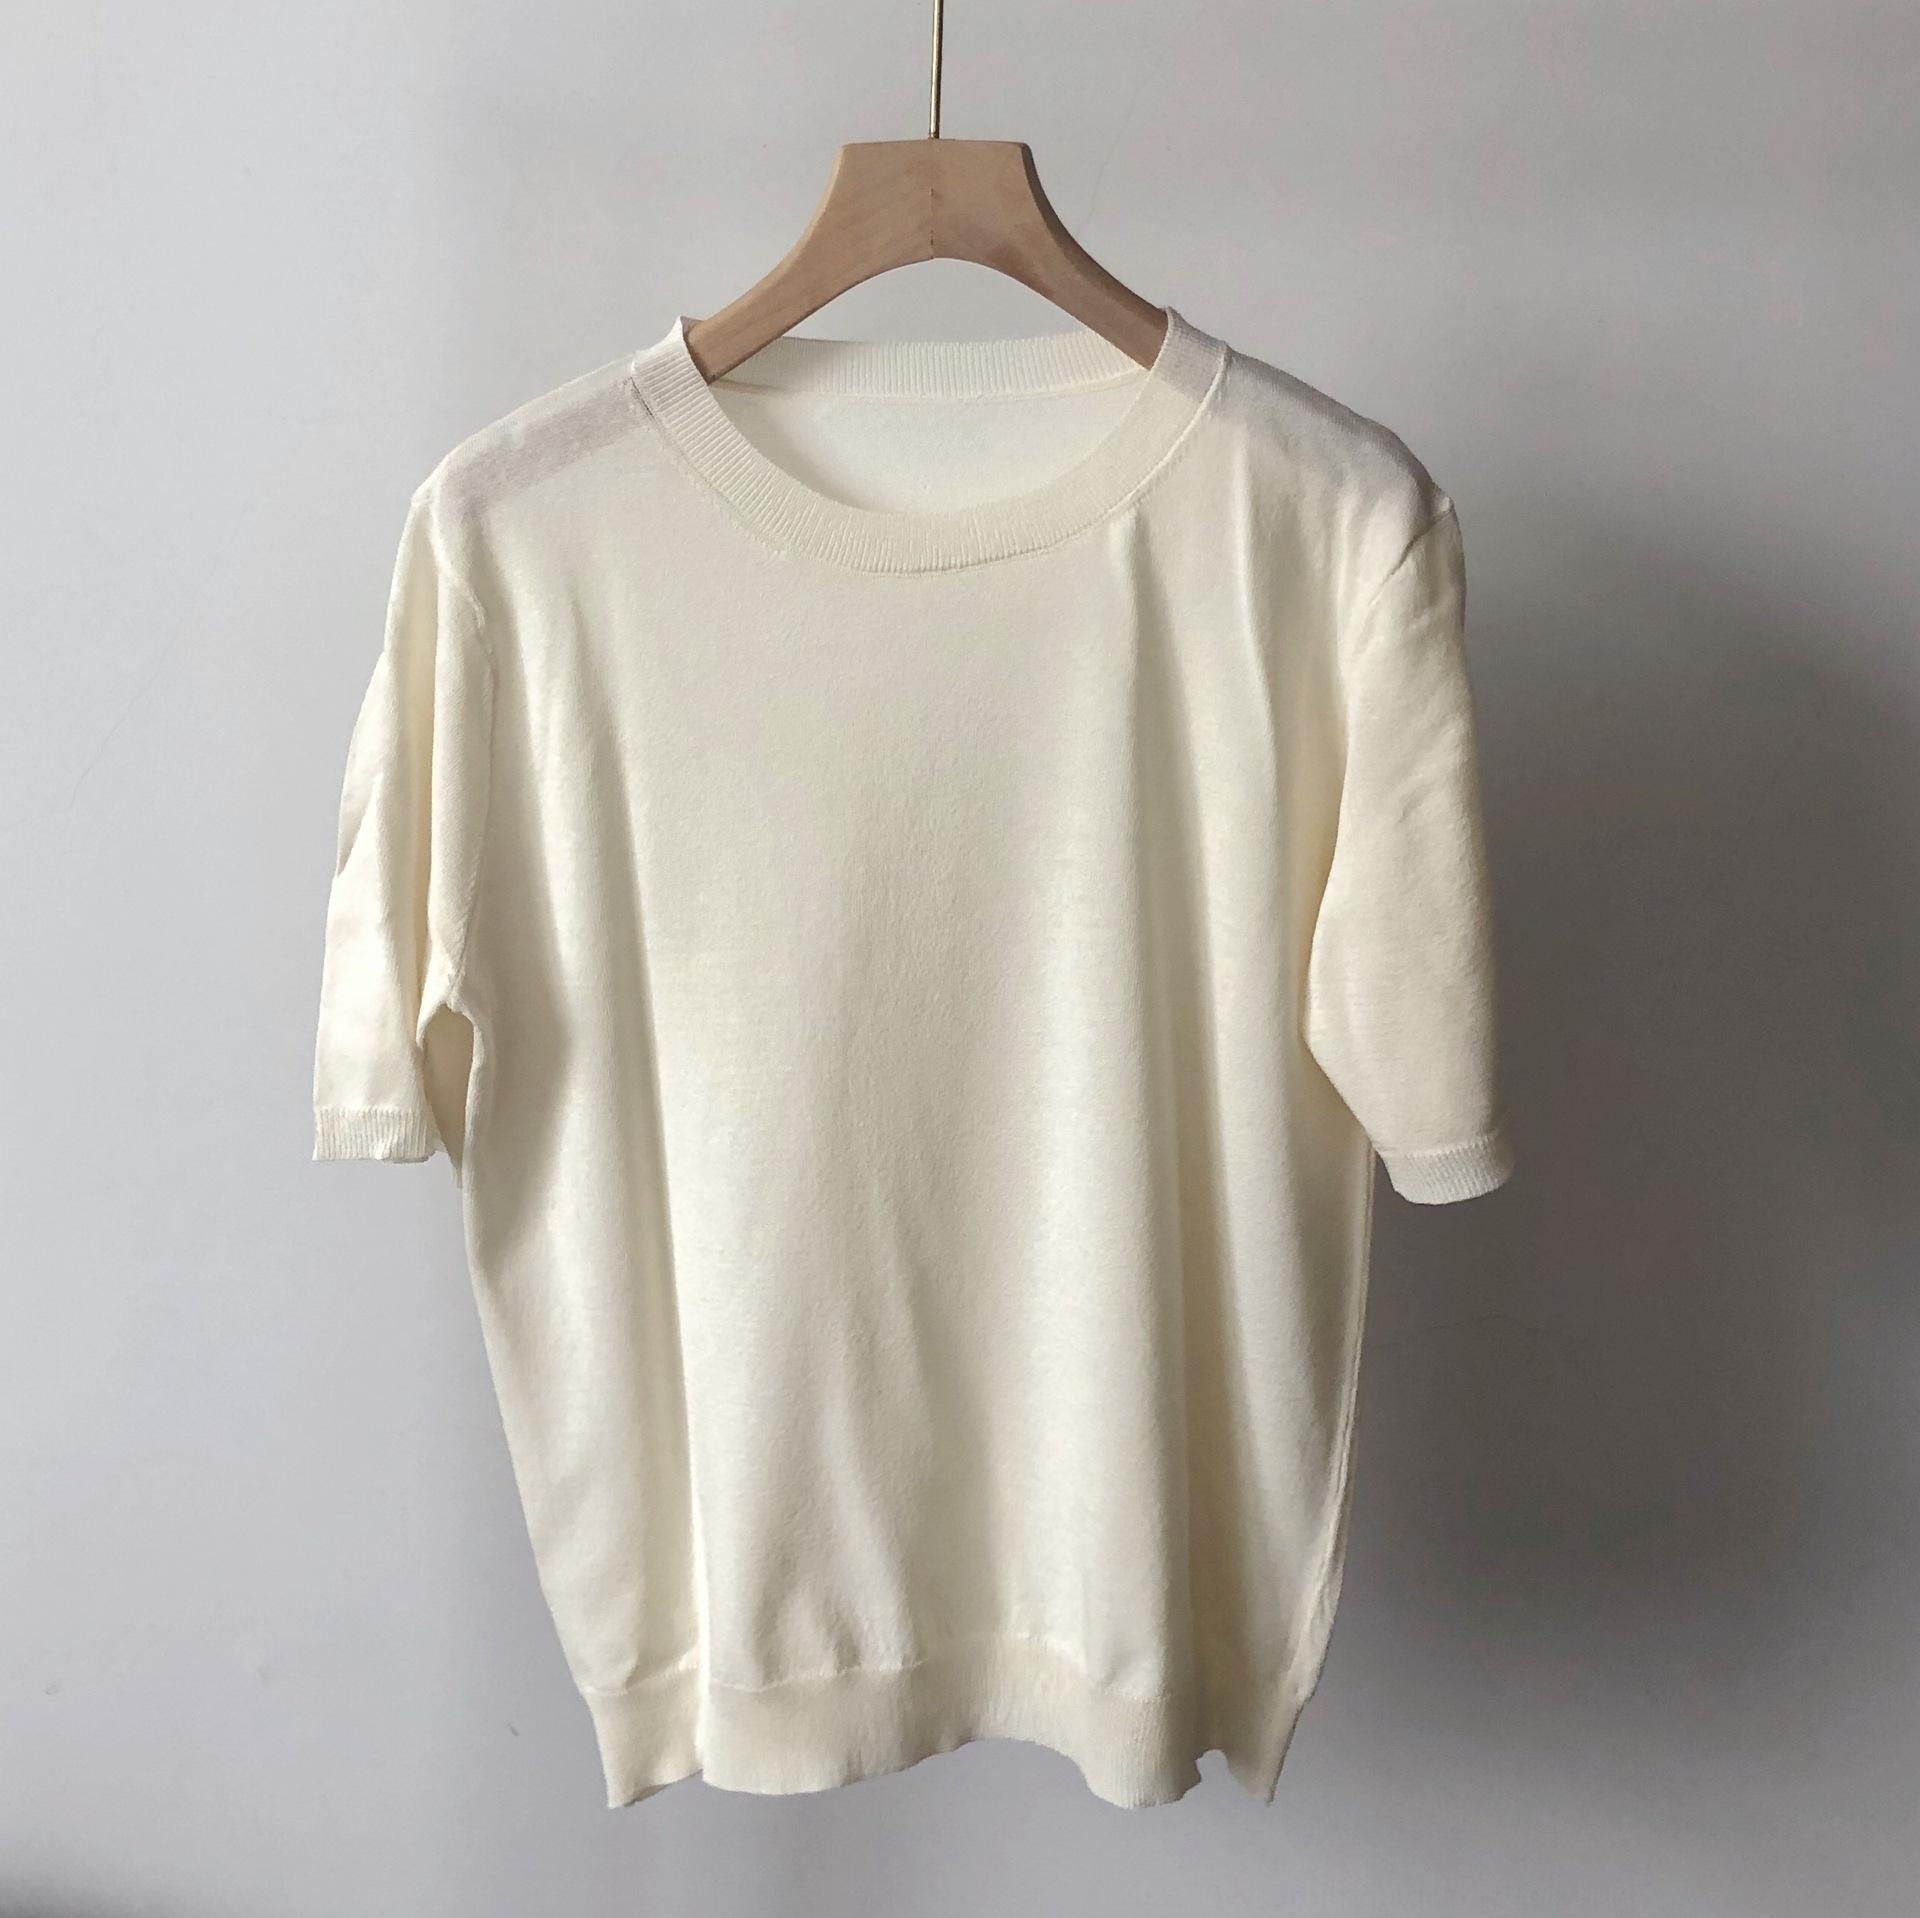 MAX дома в том же стиле тонкой рыхлых мод круглых пуловеры шеи короткую рубашка летом женщины пуловер Трикотаж трикотаж с коротким рукавом